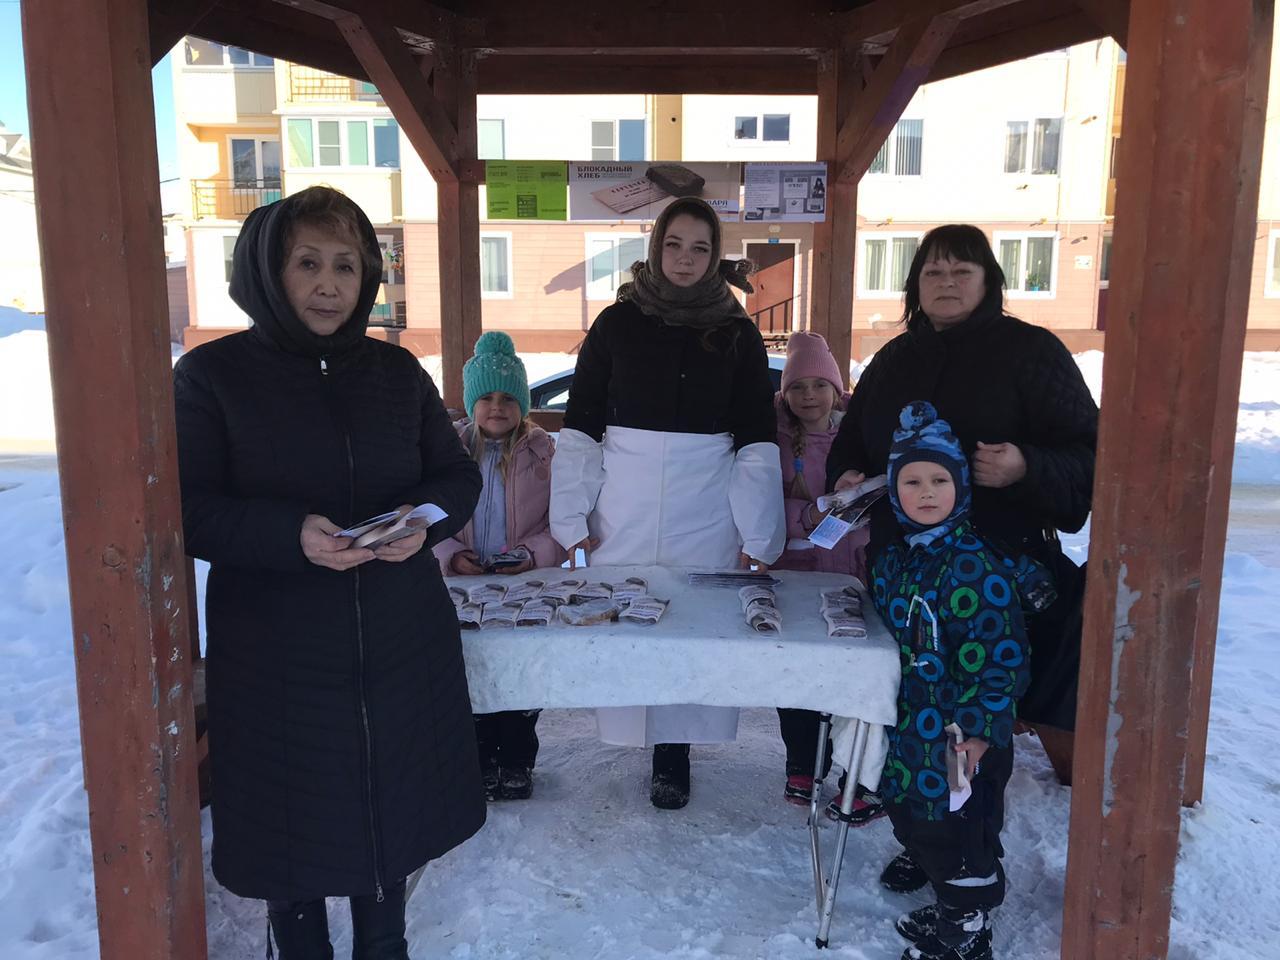 Анивский район присоединился ко всероссийской акции памяти «Блокадный хлеб»